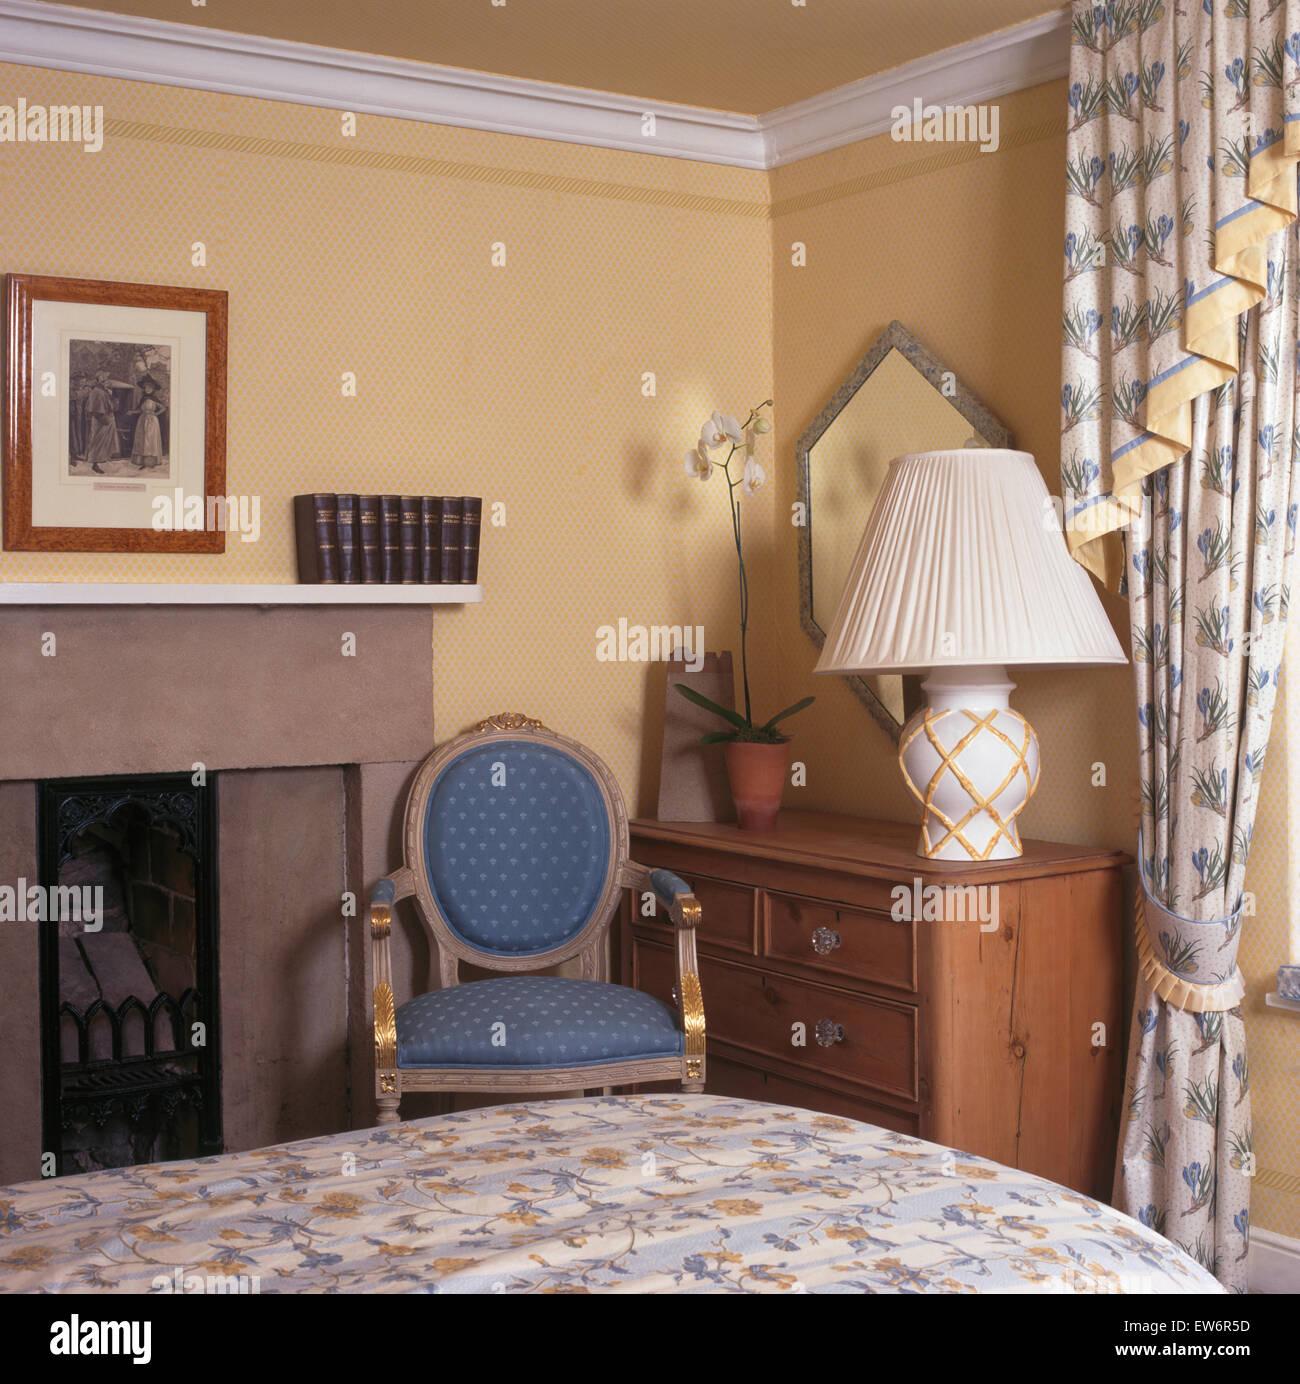 Blauen Stuhl neben Kamin im kleinen neunziger Jahre Schlafzimmer mit ...